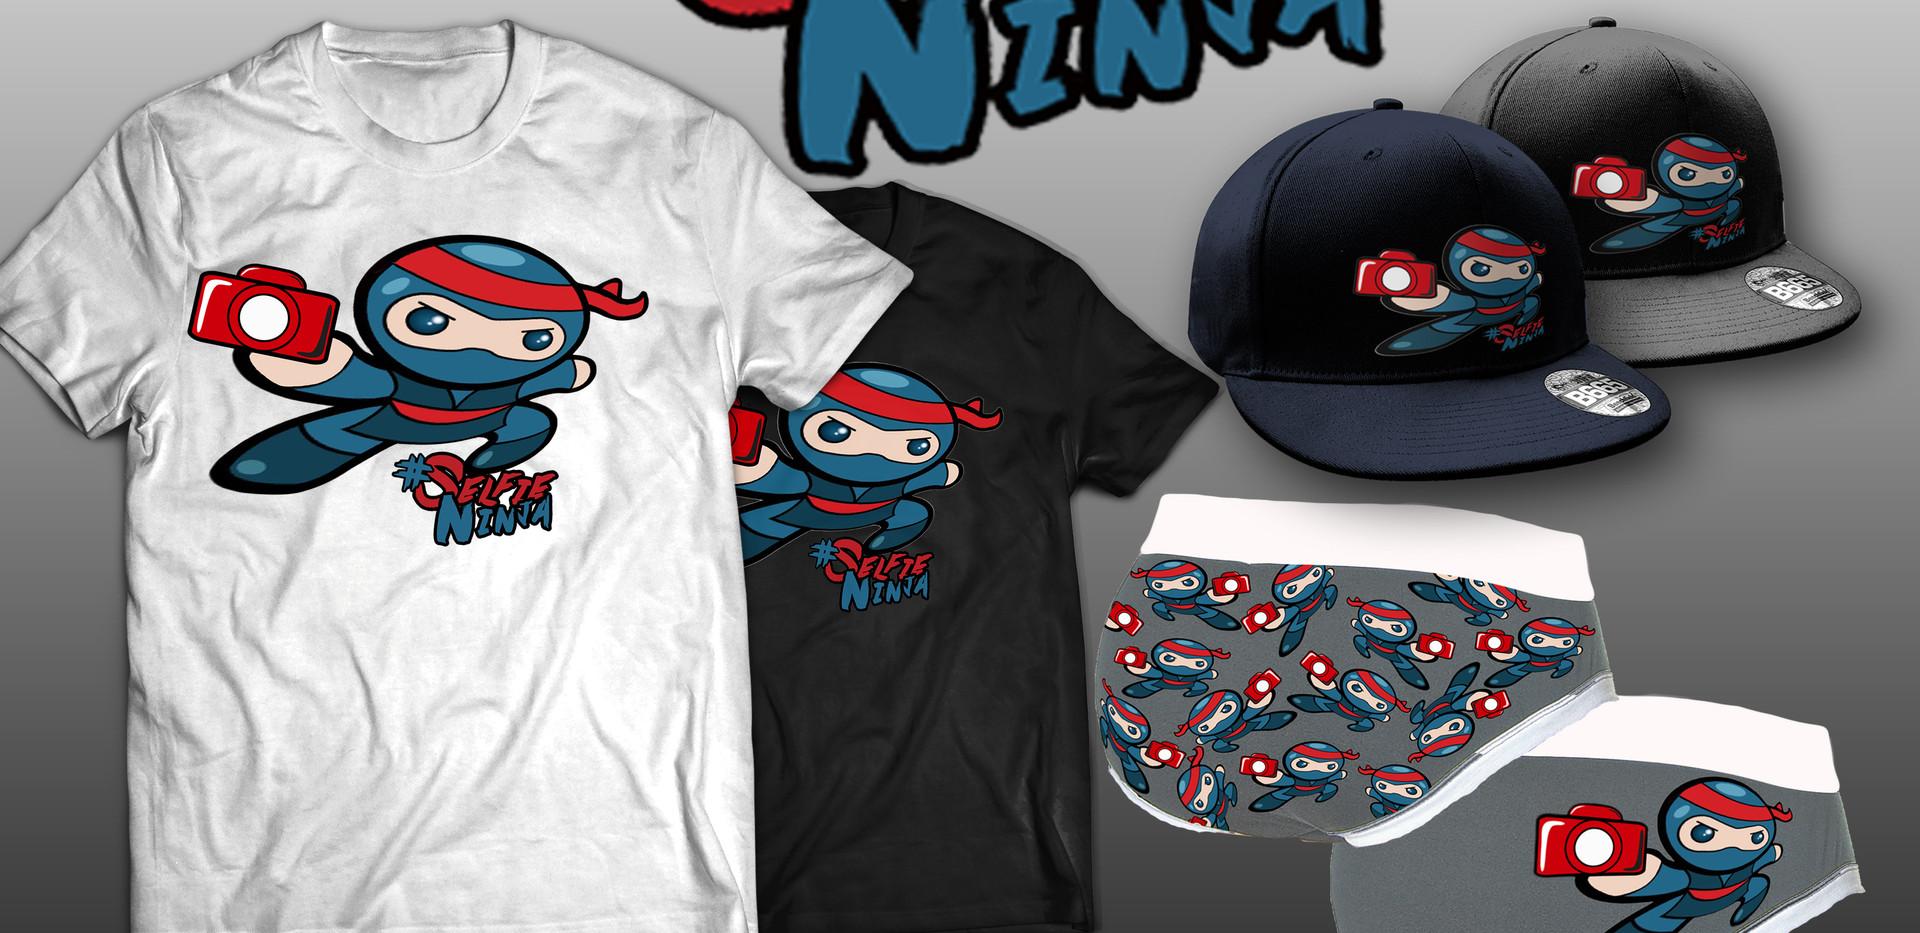 selfie ninja brandng.jpg